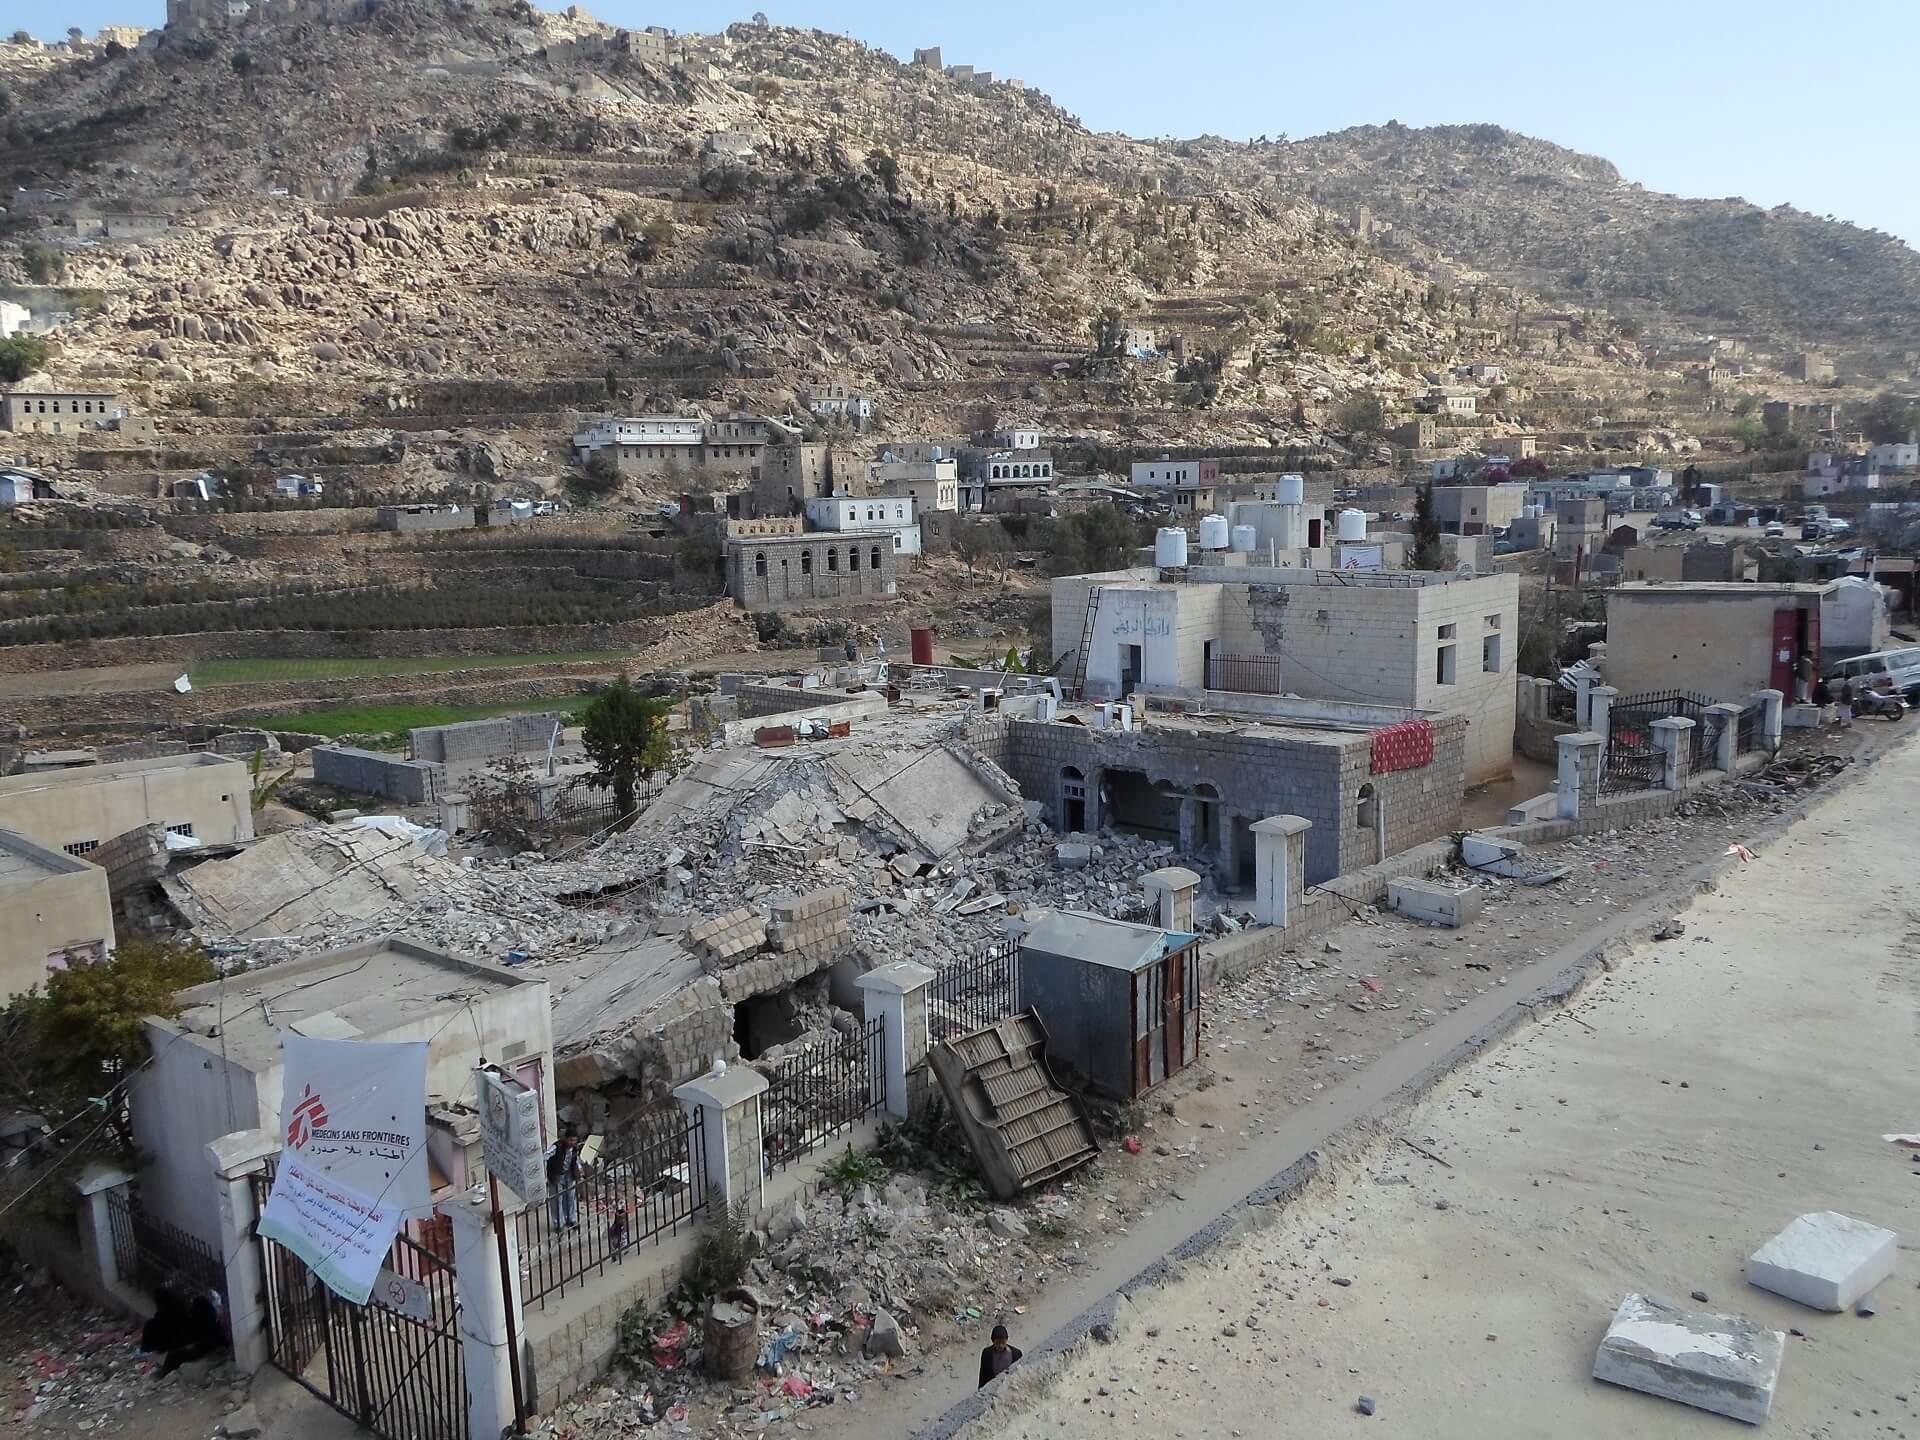 O hospital Shiara, uma instalação apoiada por MSF no distrito de Razeh (Yemen do Norte), foi atingido por um projétil no norte do Iêmen em 10 de janeiro